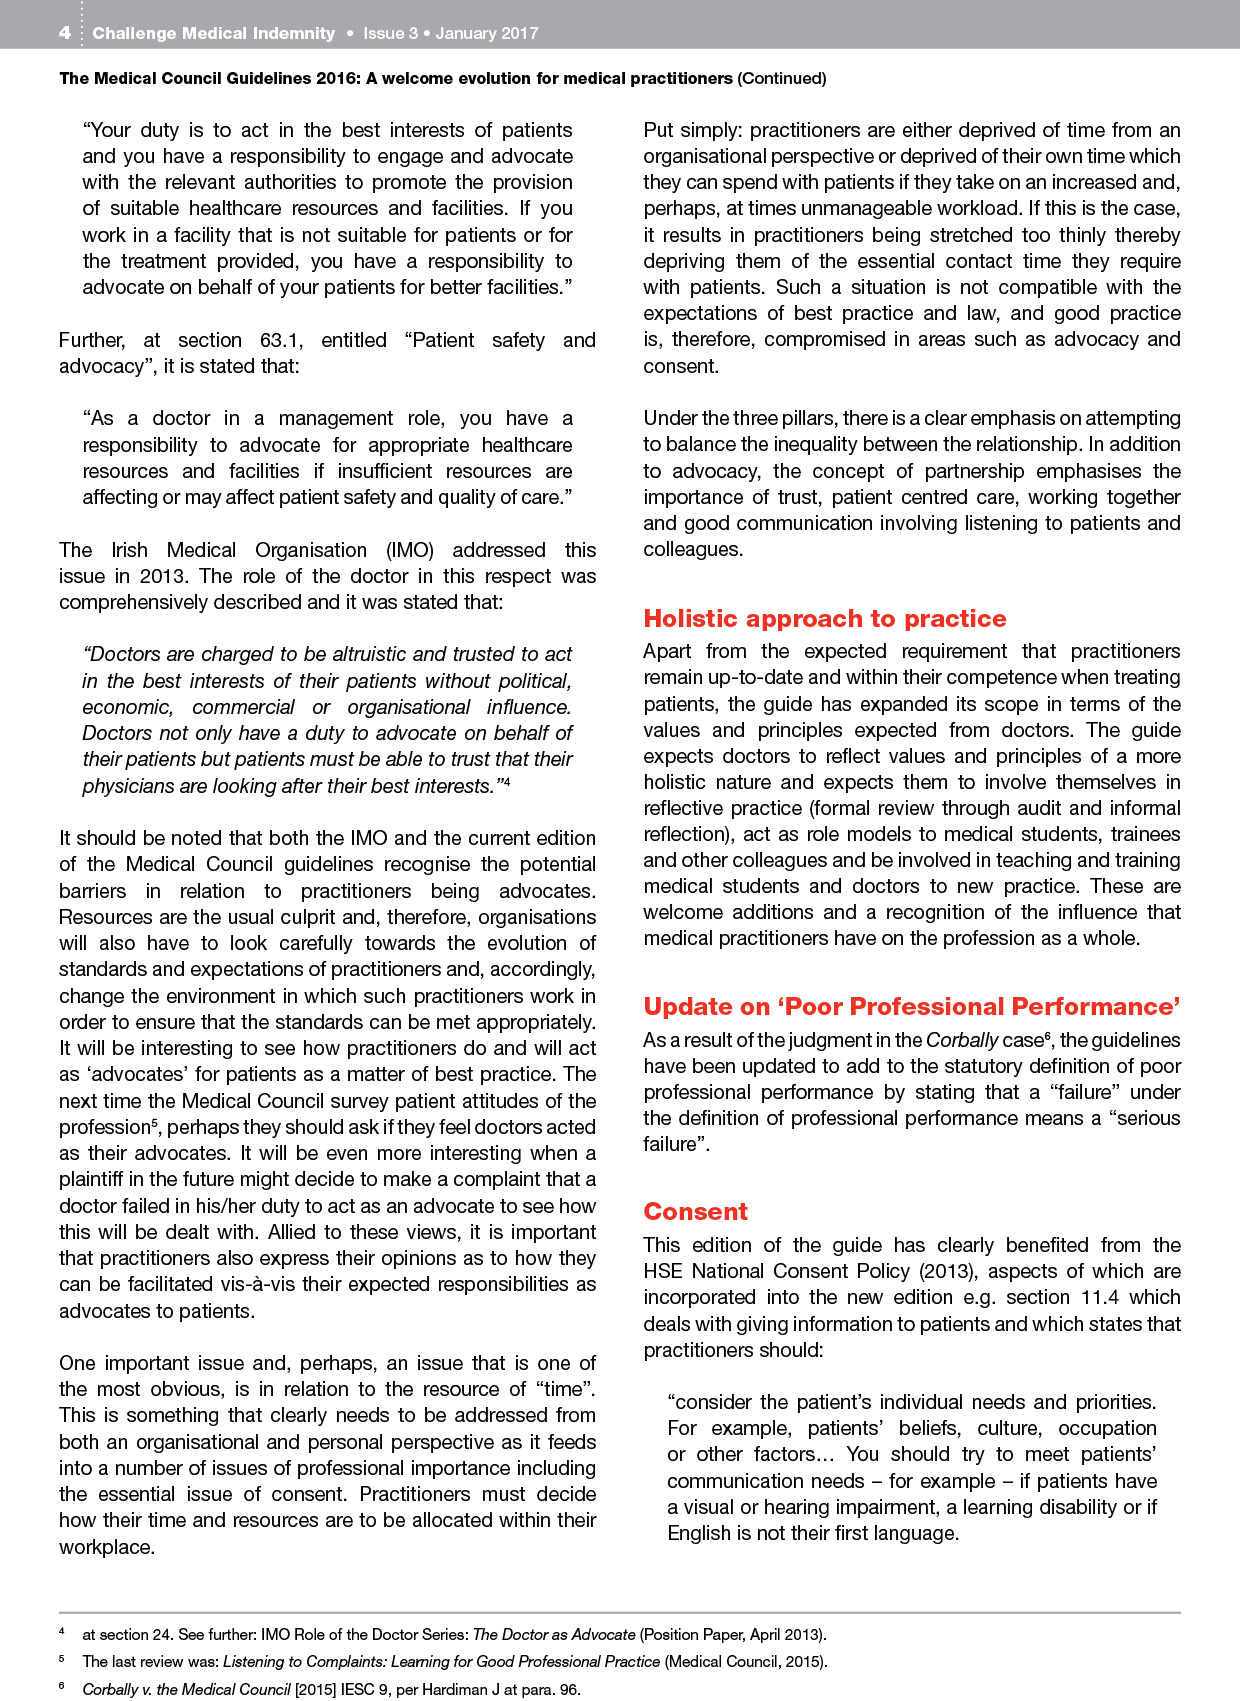 Challenge Indemnity Newsletter - Issue 3, Jan 2017